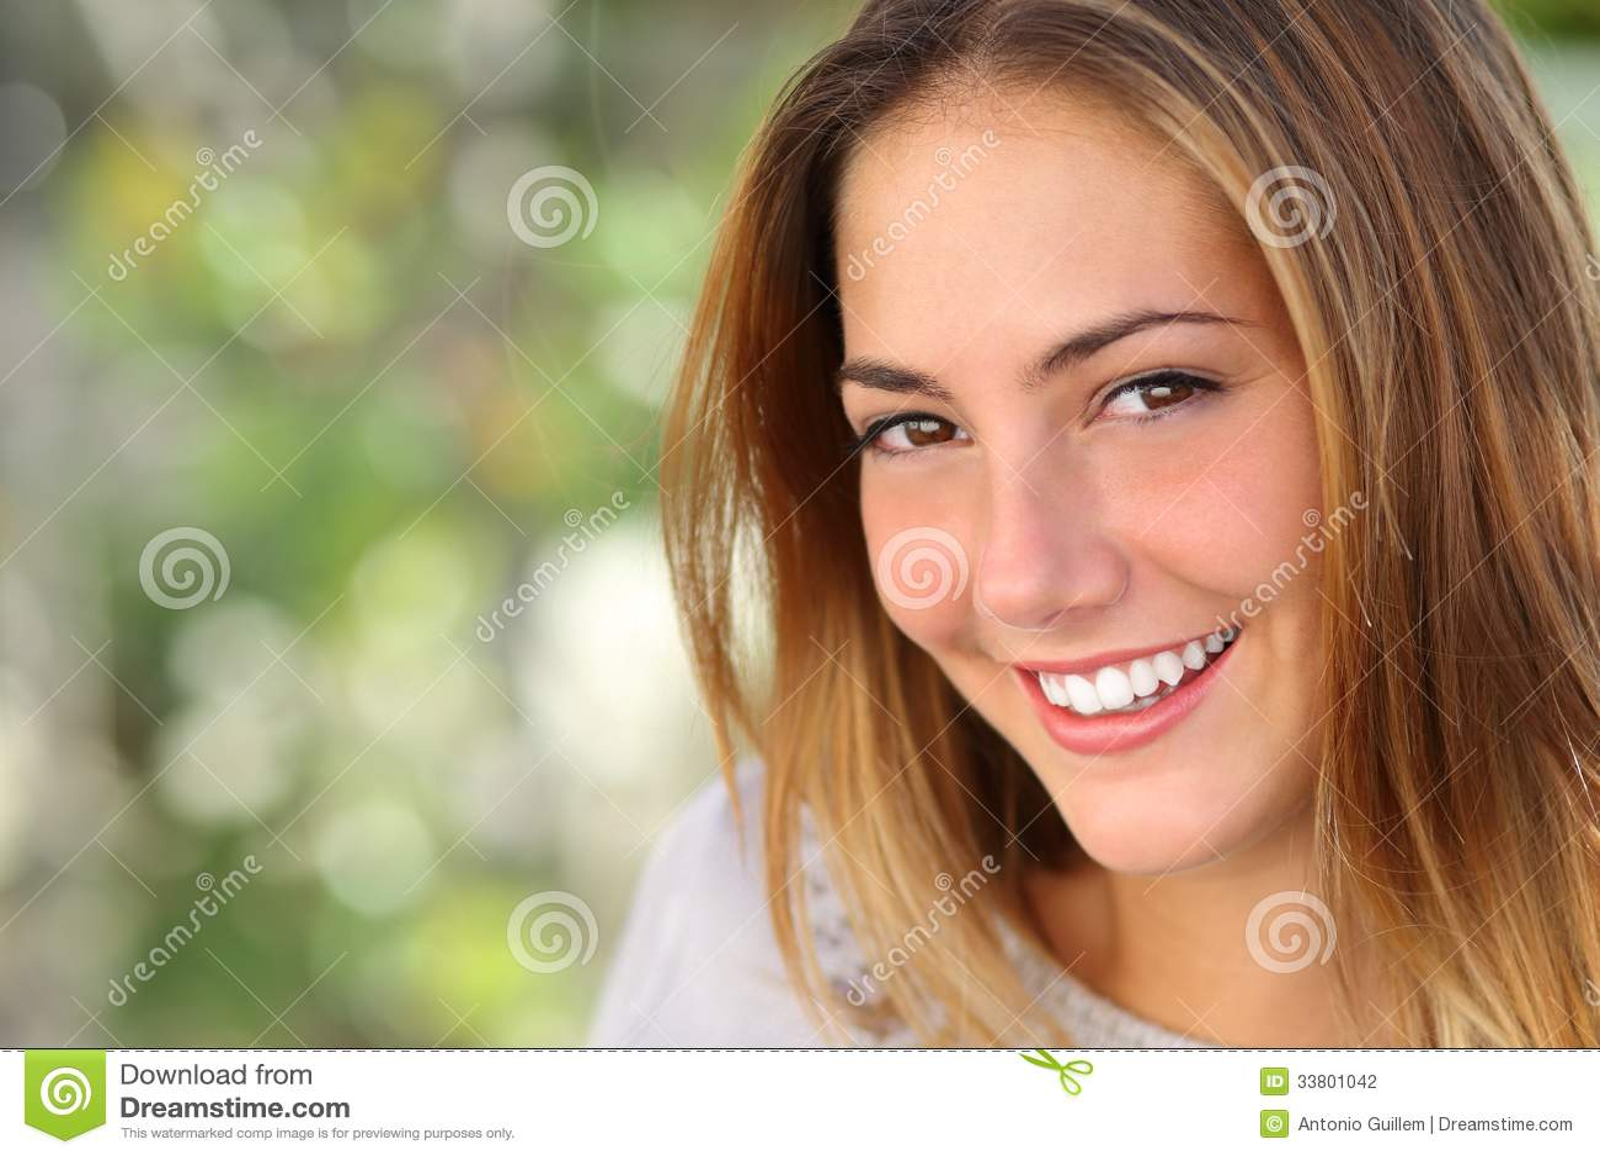 Красивая женщина с улыбкой забеливать совершенной